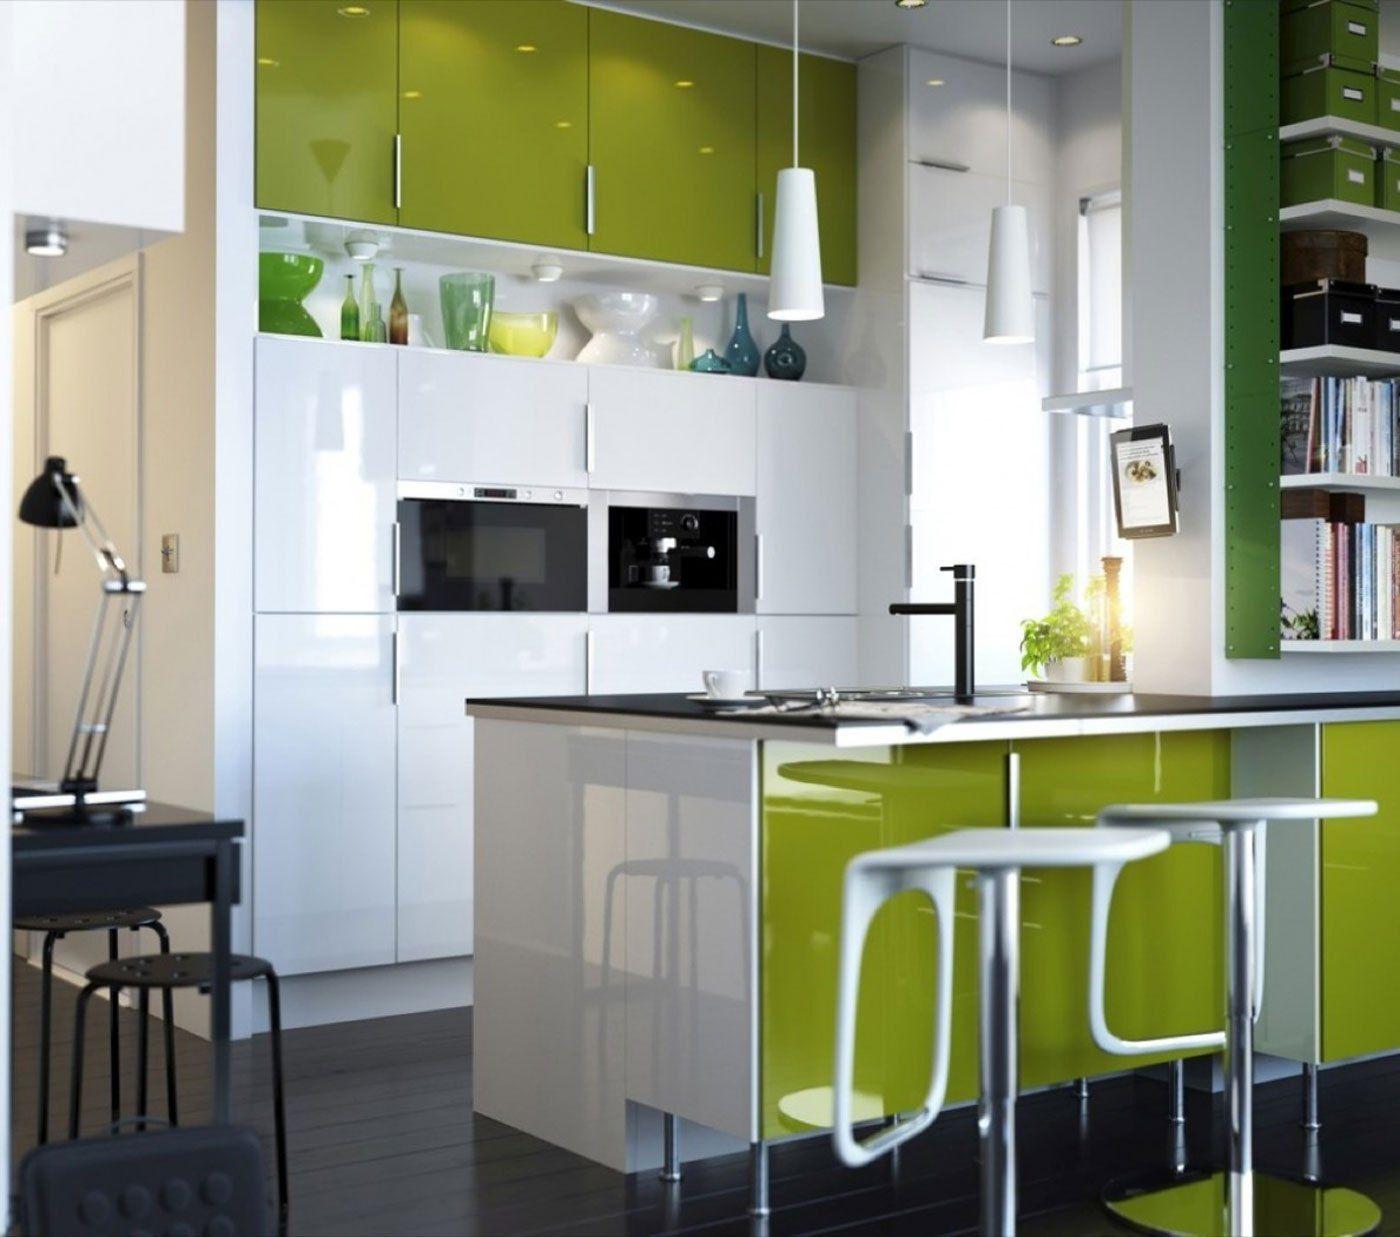 Small Kitchen Design Ideas Home Mybktouch Best Small Kitchen Extraordinary Best Small Kitchen Designs Design Ideas